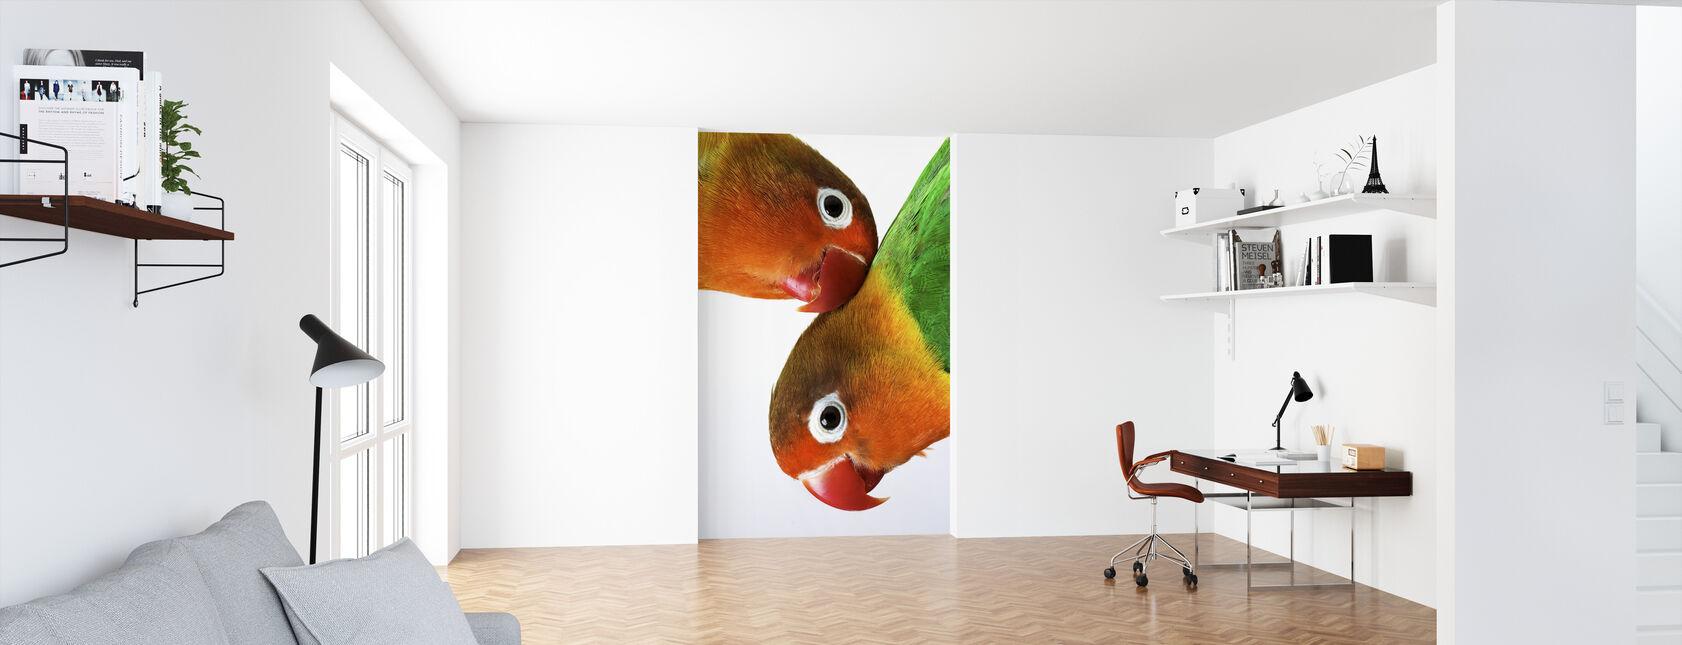 Pair of Lovebirds - Wallpaper - Office